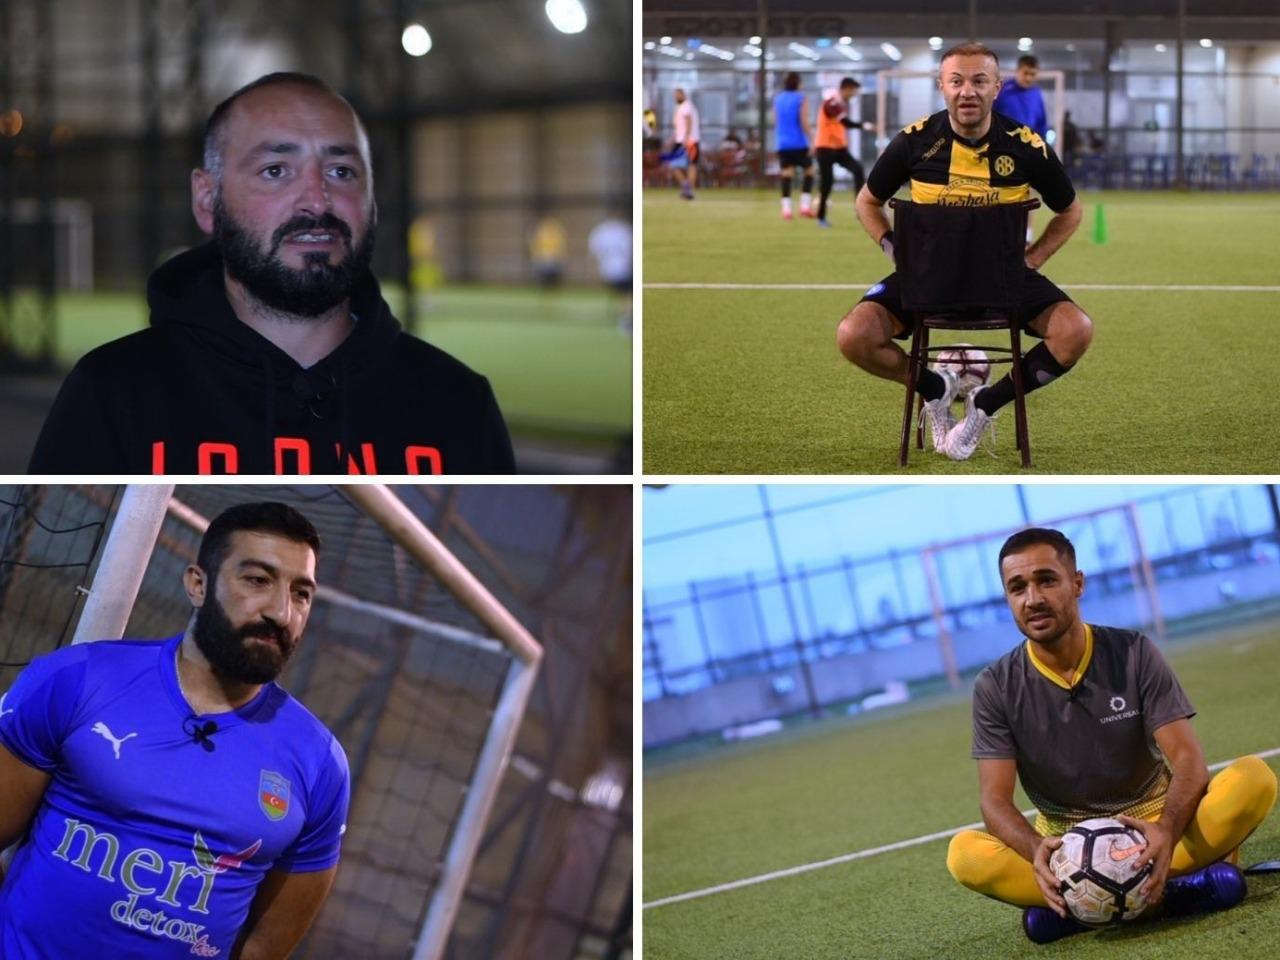 LSS MFL 2019/20 определяет финалистов: Футболисты настроены на победу – ВИДЕО